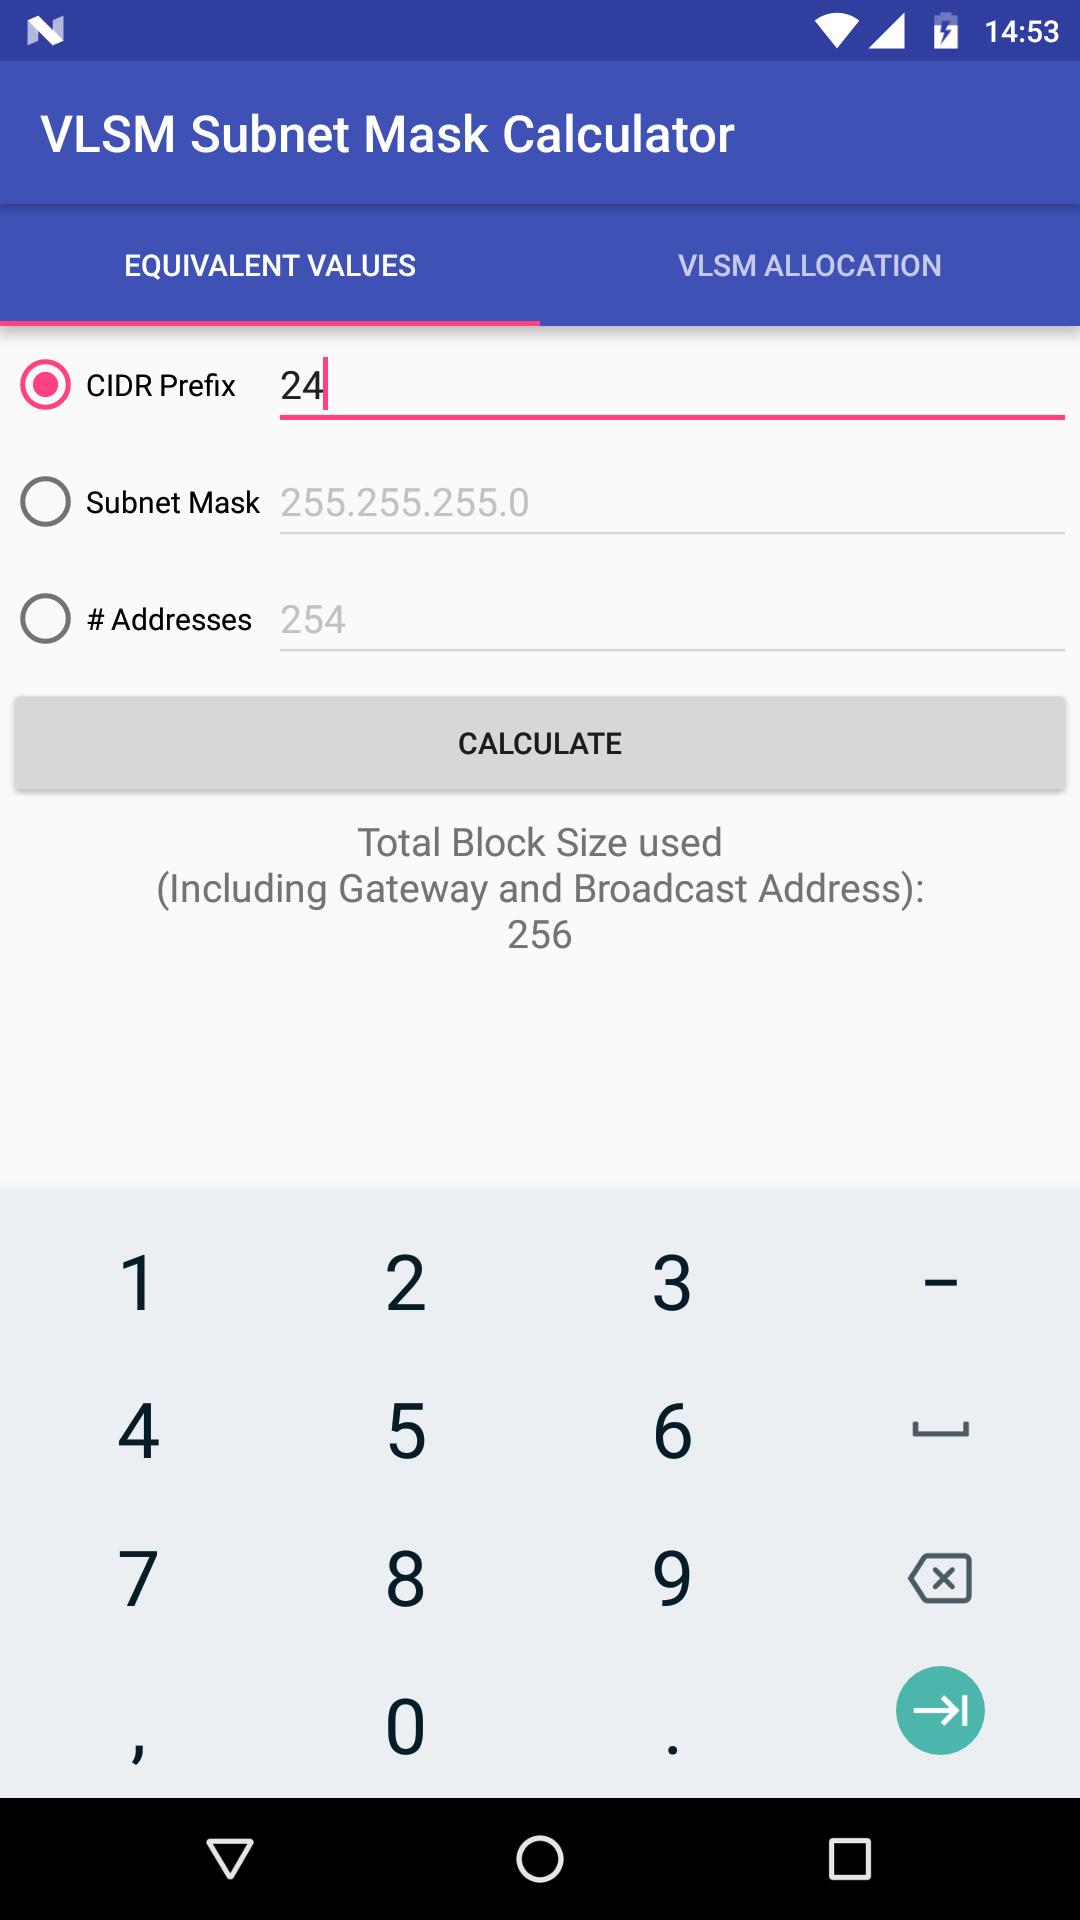 GitHub - srbrettle/VLSM-Subnet-Mask-Calculator: Android